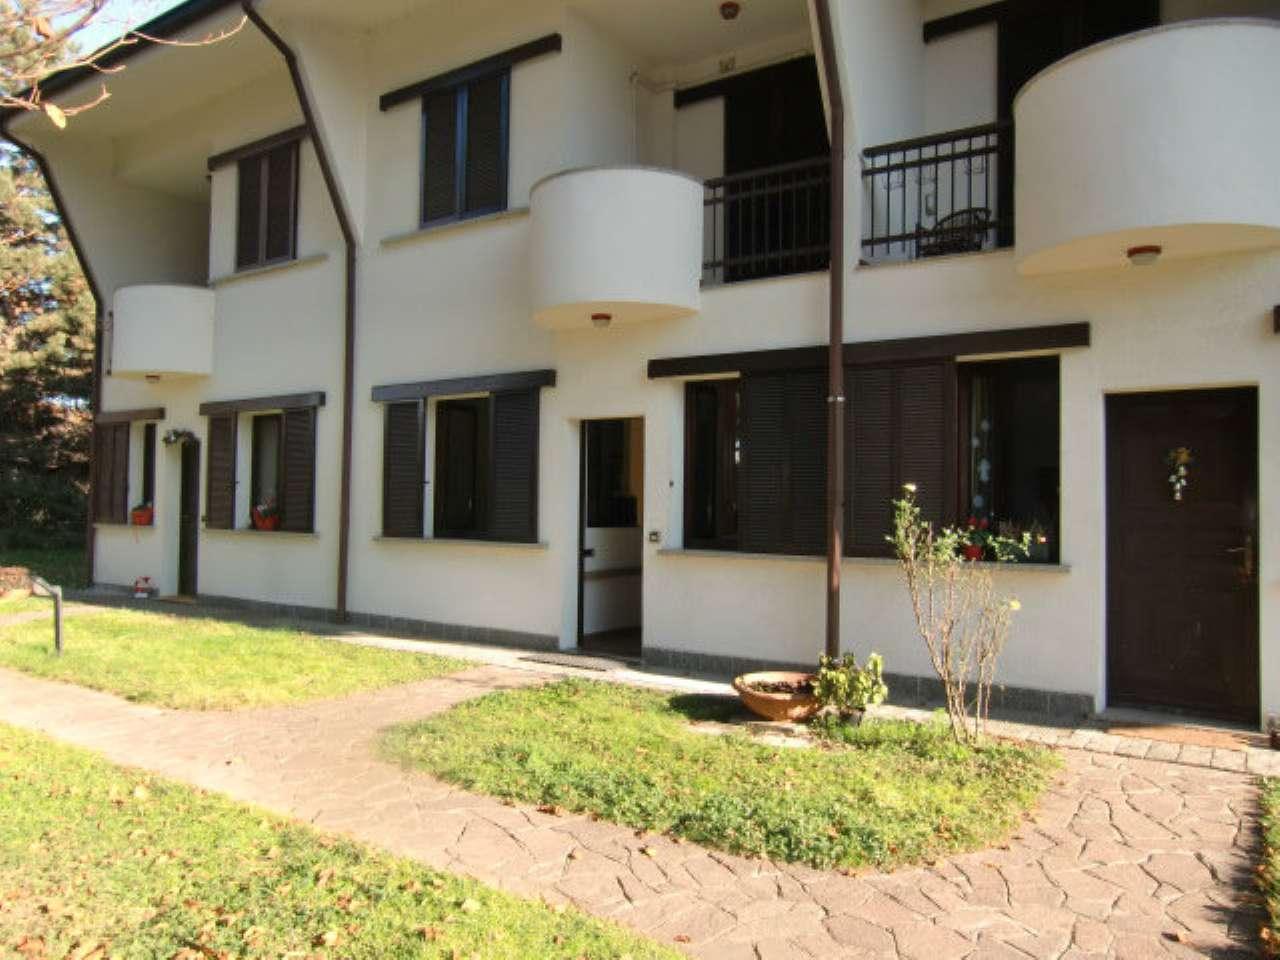 Palazzo / Stabile in vendita a Cesano Maderno, 4 locali, prezzo € 290.000 | CambioCasa.it